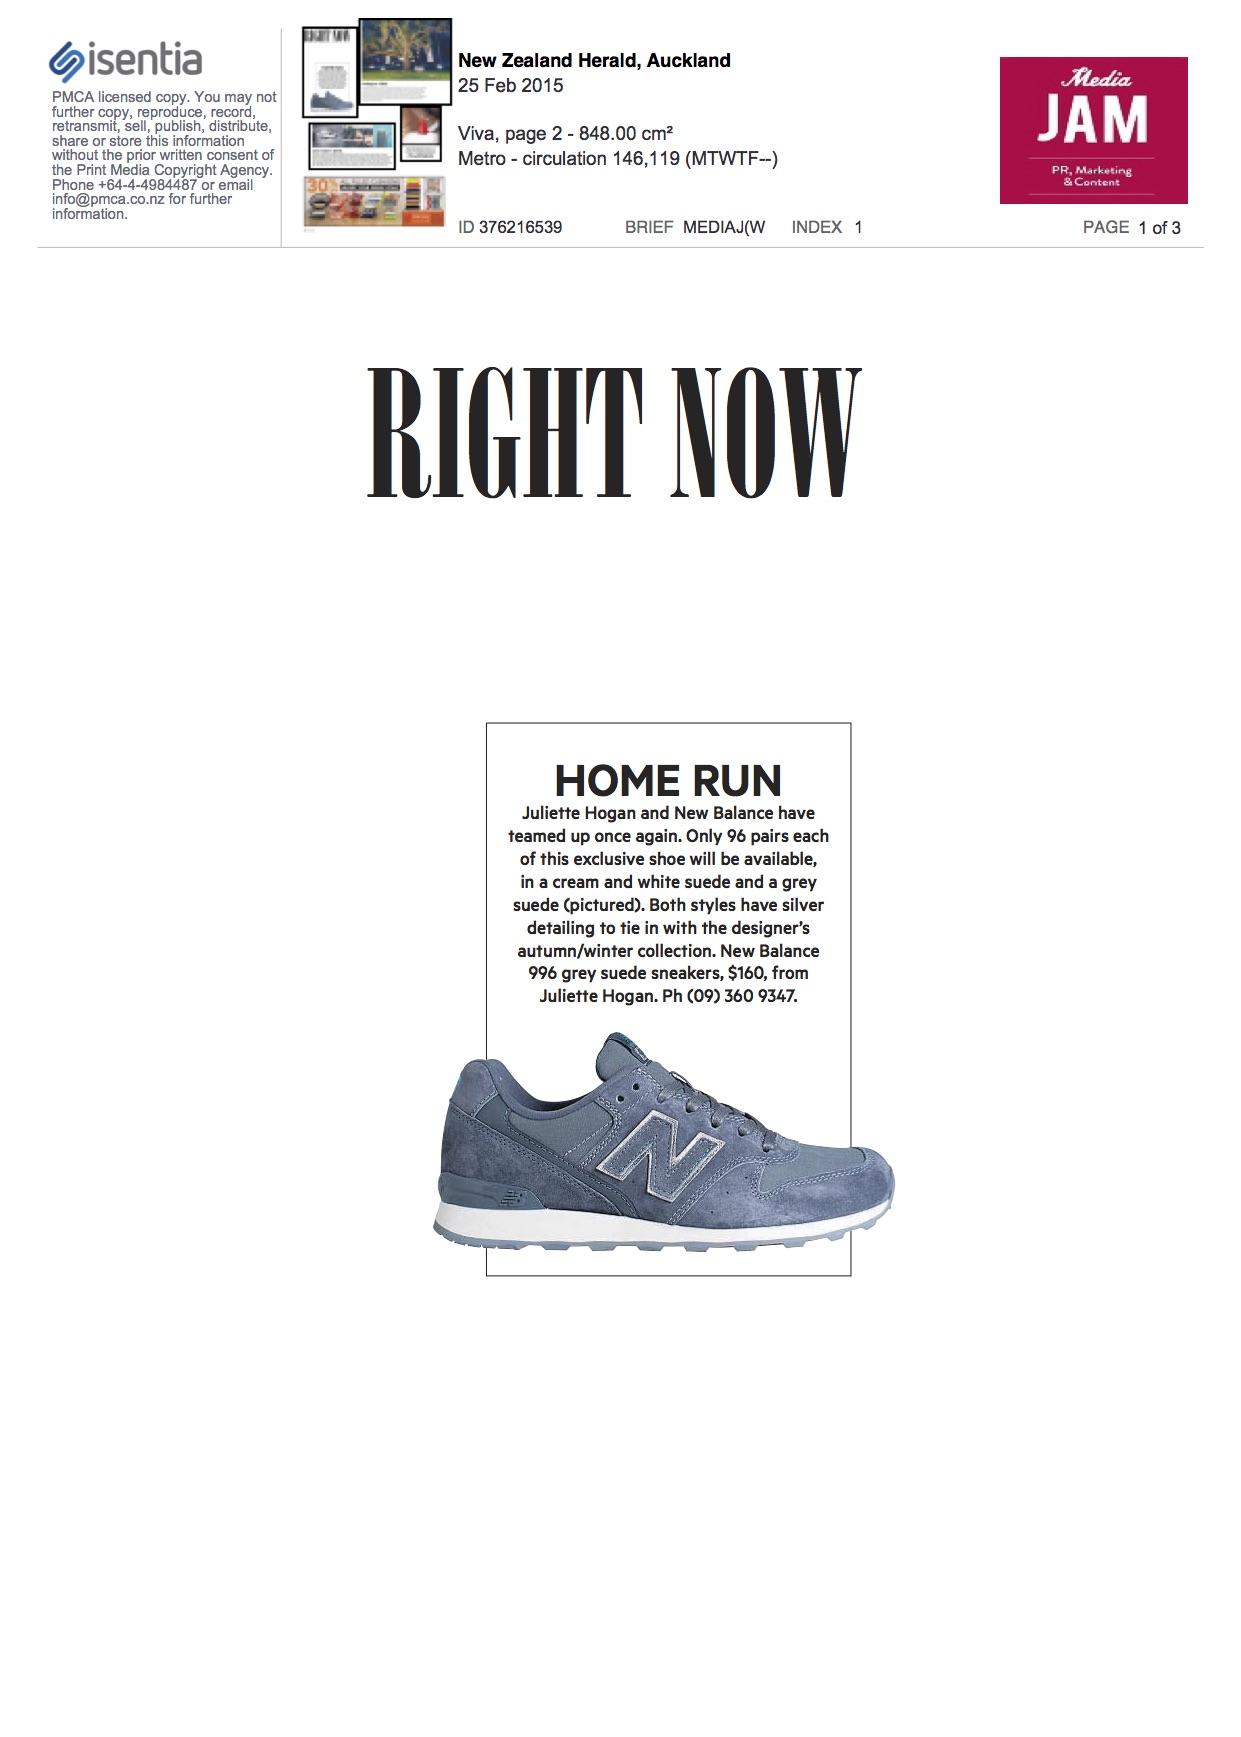 1New Balance feat Juliette Hogan Home Run NZ Herald VIVA 25 Feb 2015.jpg